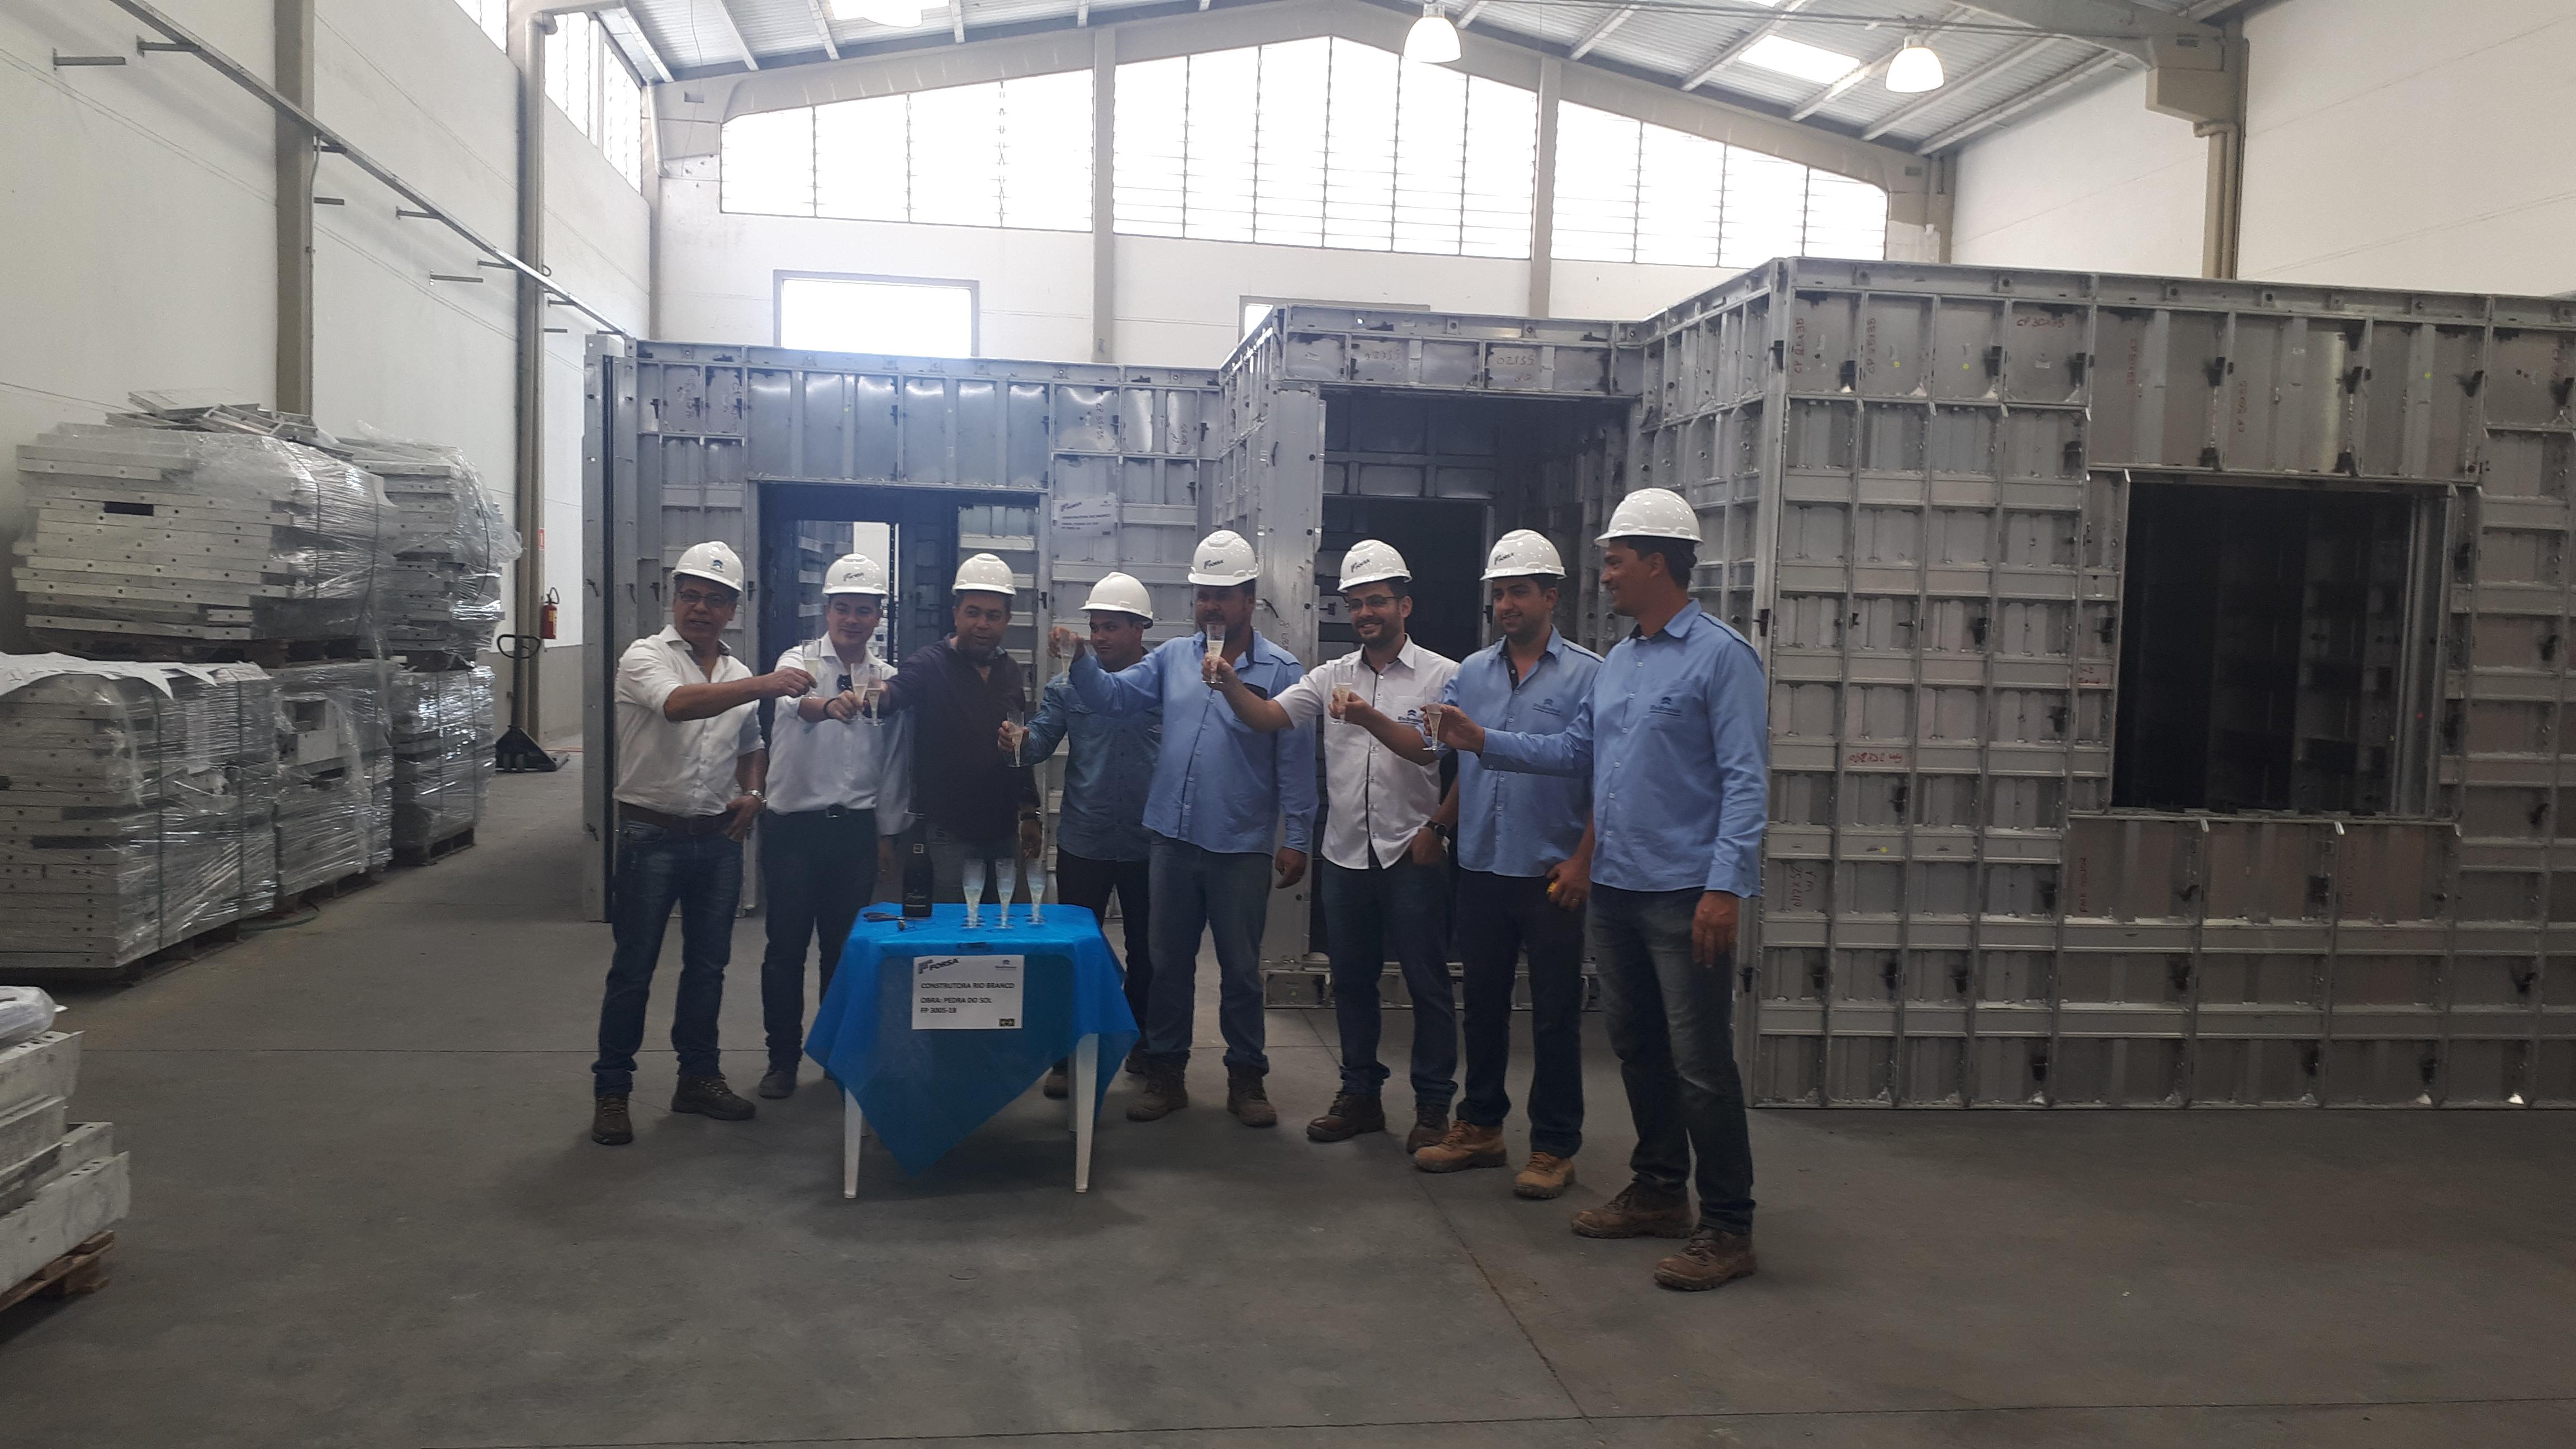 Forsa Brasil Importacao, Exportacao E Comercio De Equipamentos E Servicos Ltda